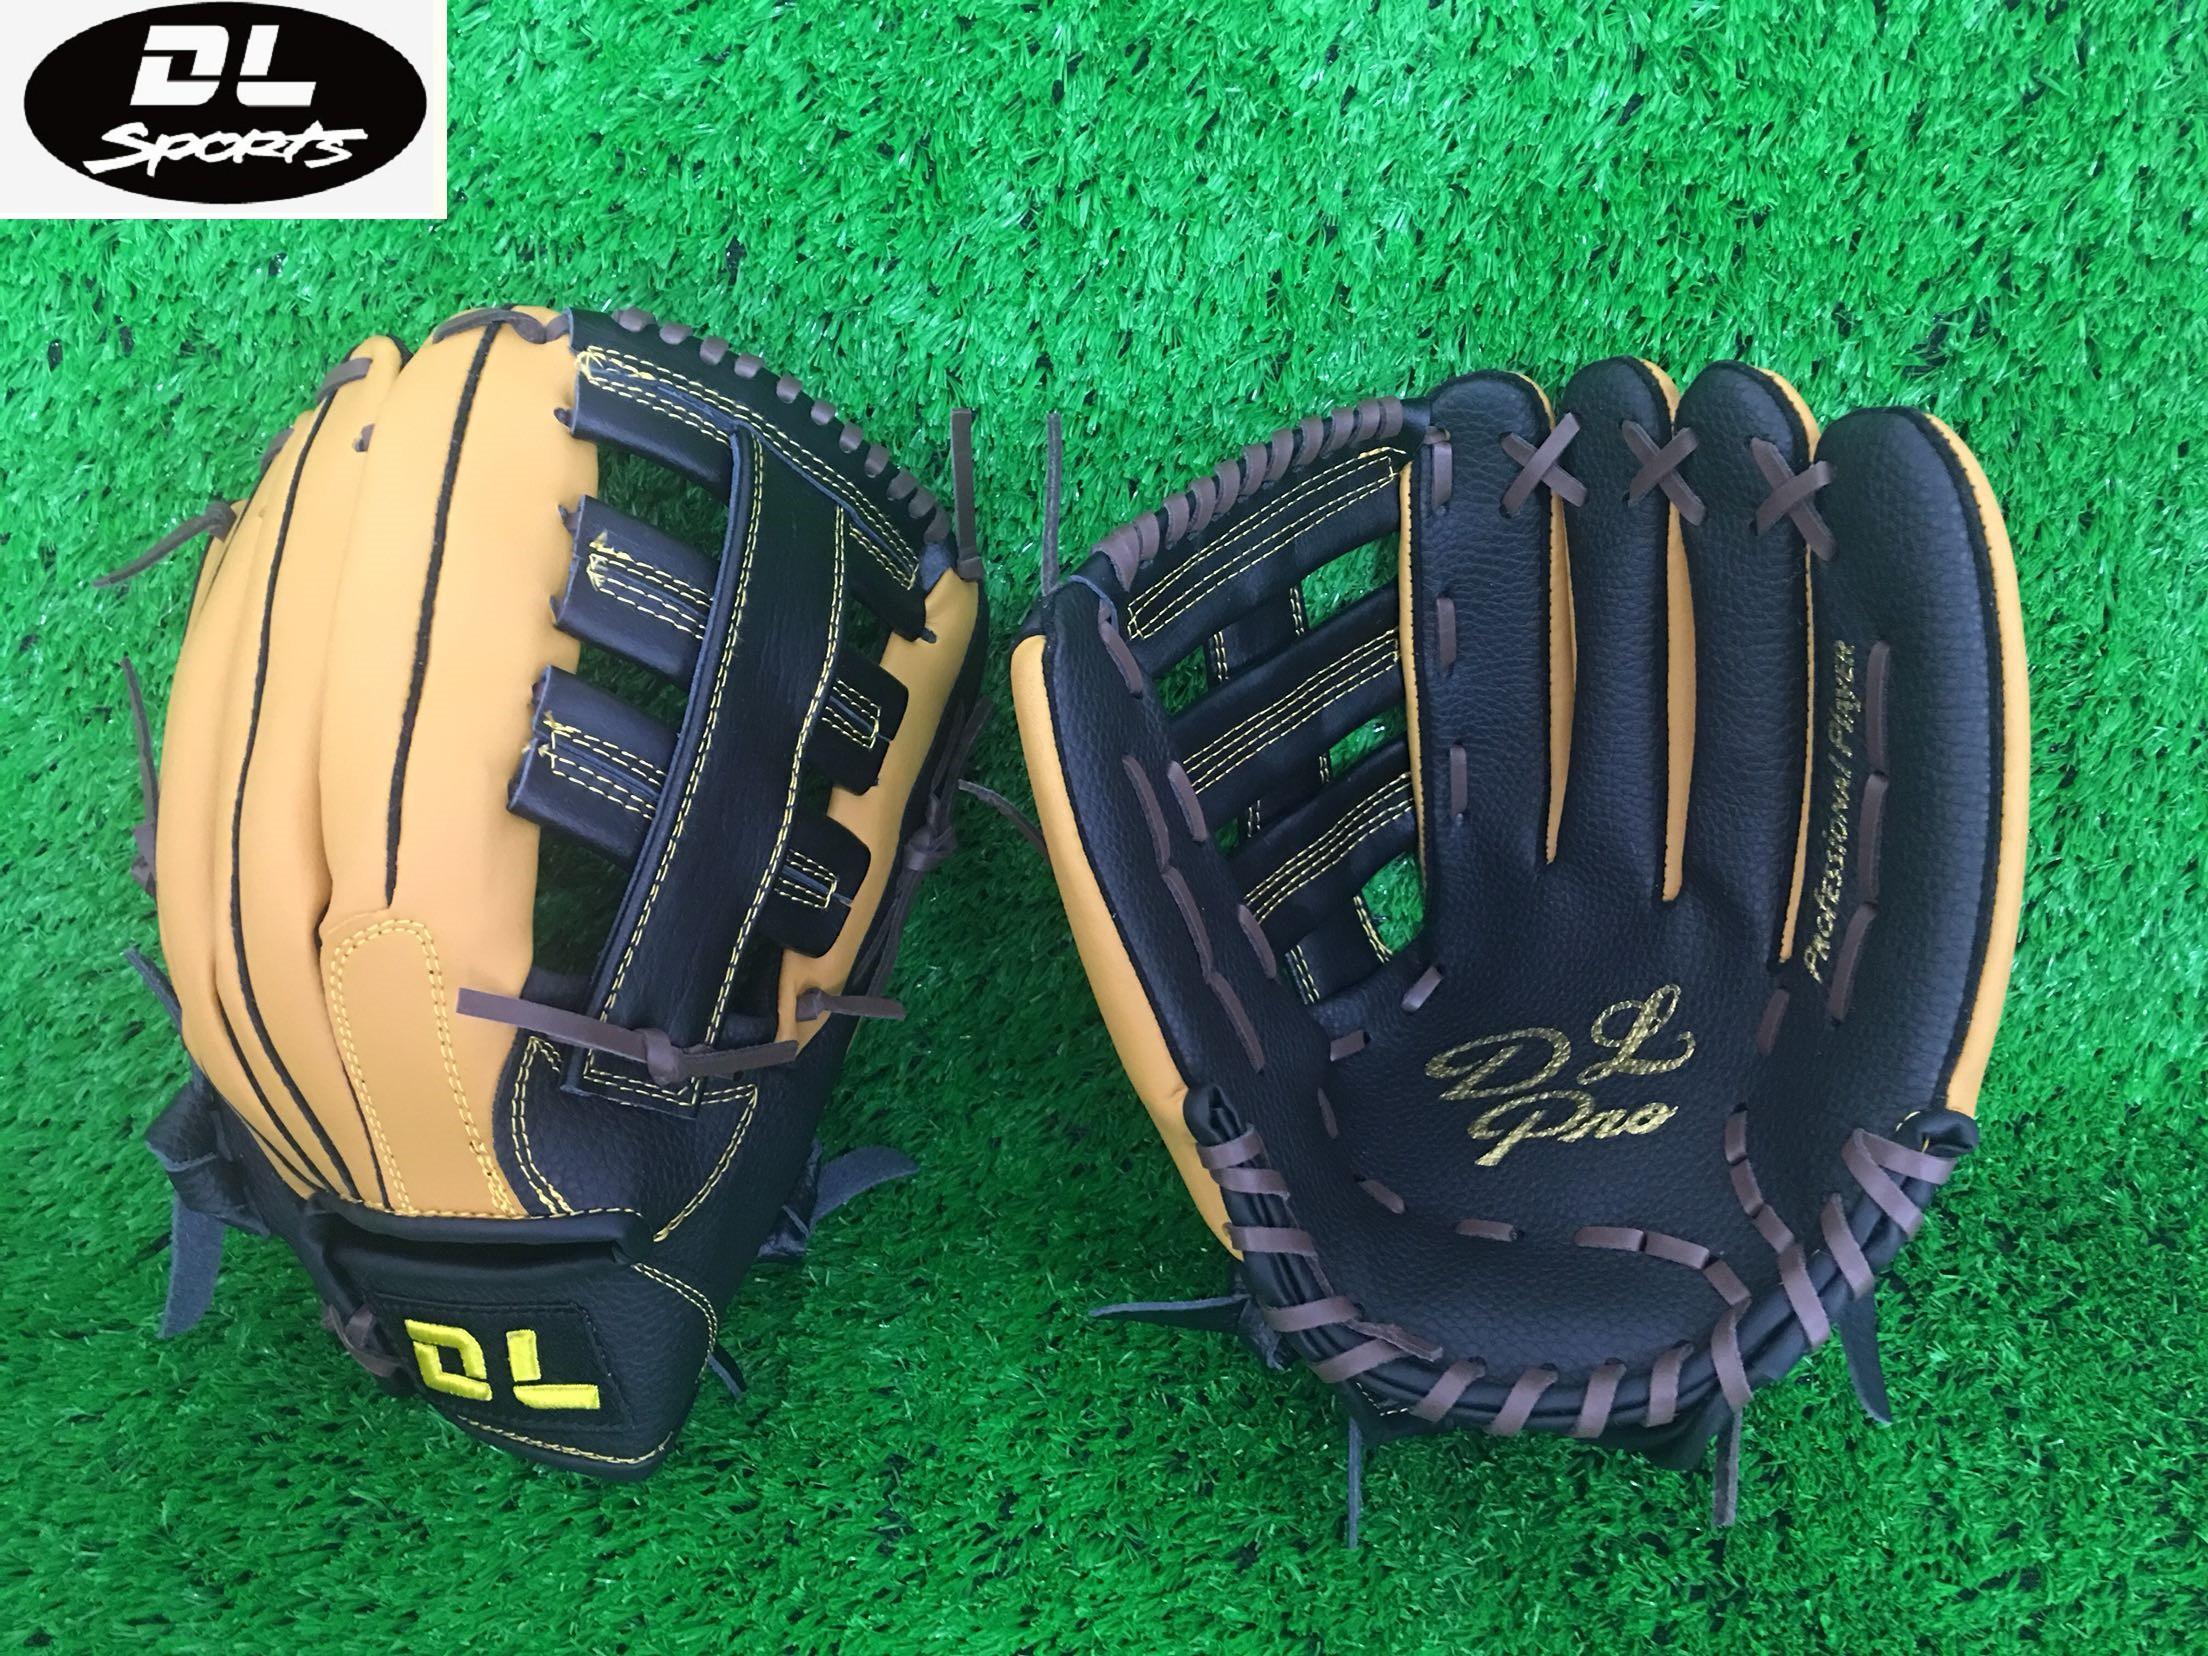 Бейсбол Soul DL новая коллекция Императорский Дракон кожаный бейсбол перчатки Цены 150 Взрослых молодежный Обучение с новый товар новинка